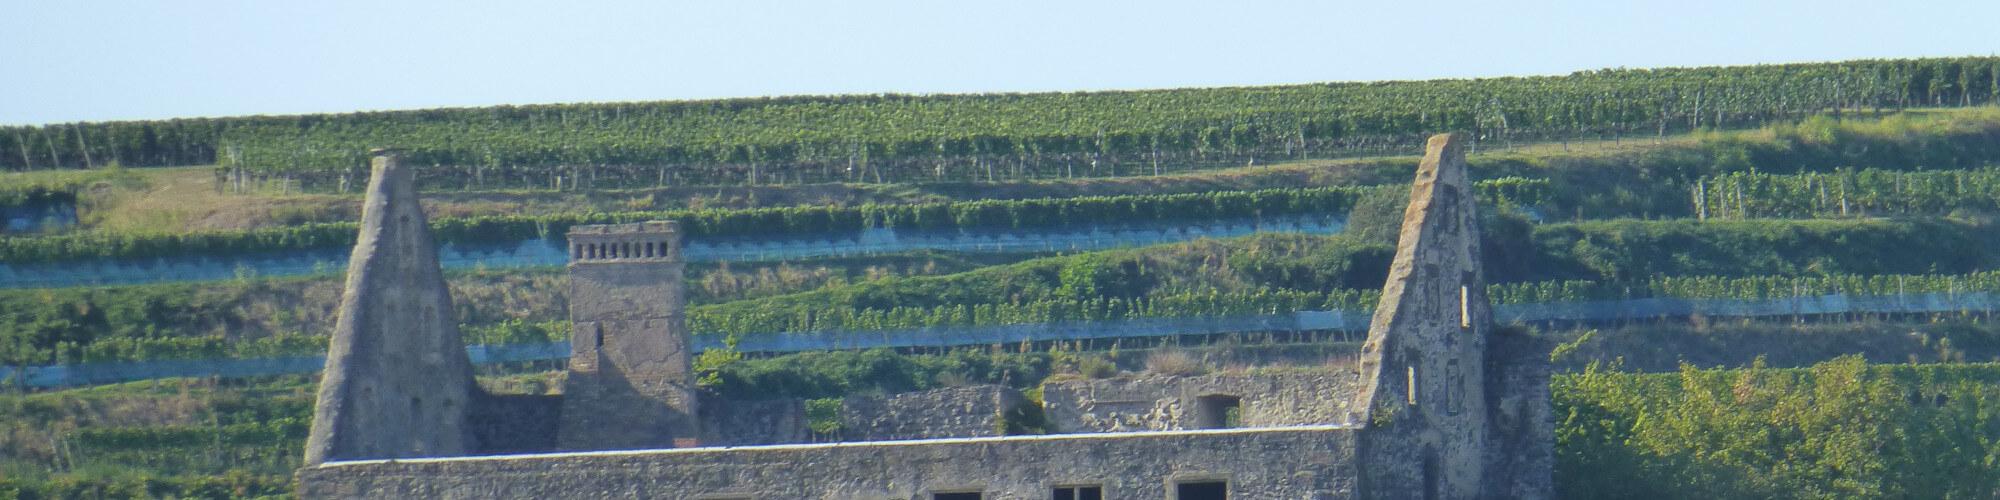 Burkheimer Wein